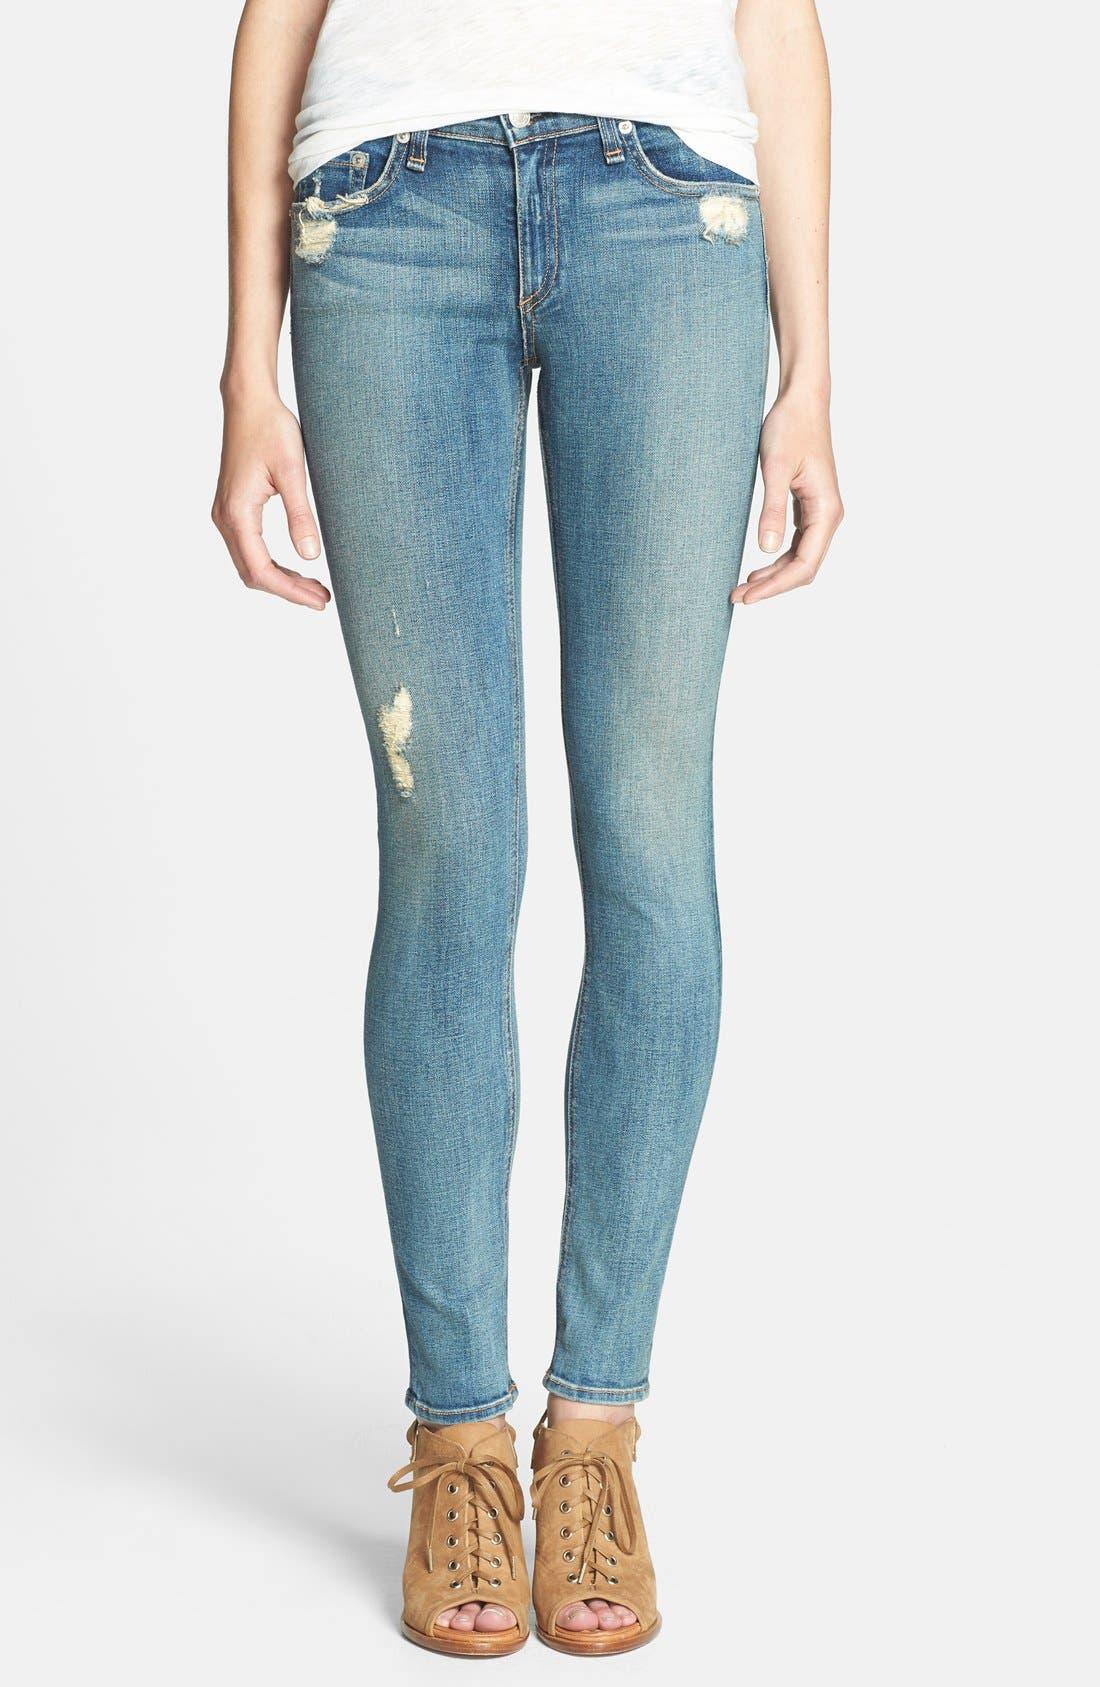 Alternate Image 1 Selected - rag & bone/JEAN Stretch Skinny Jeans